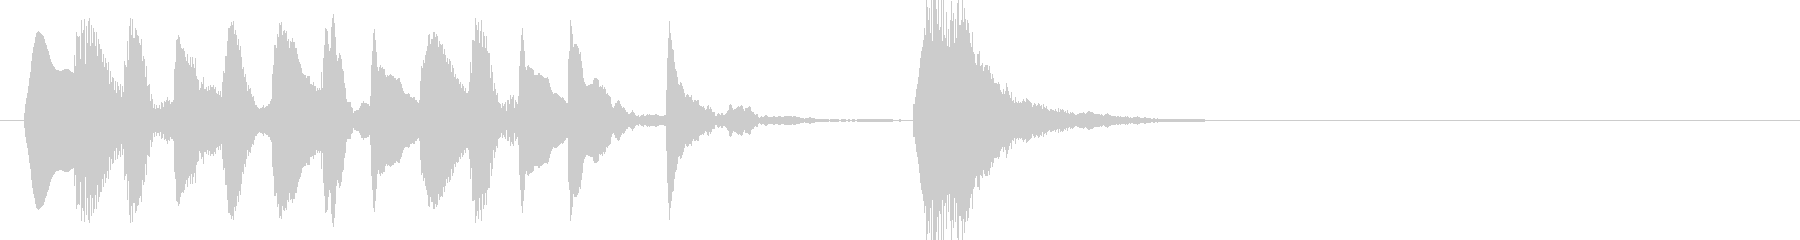 シンプルなマリンバのジングルの未再生の波形